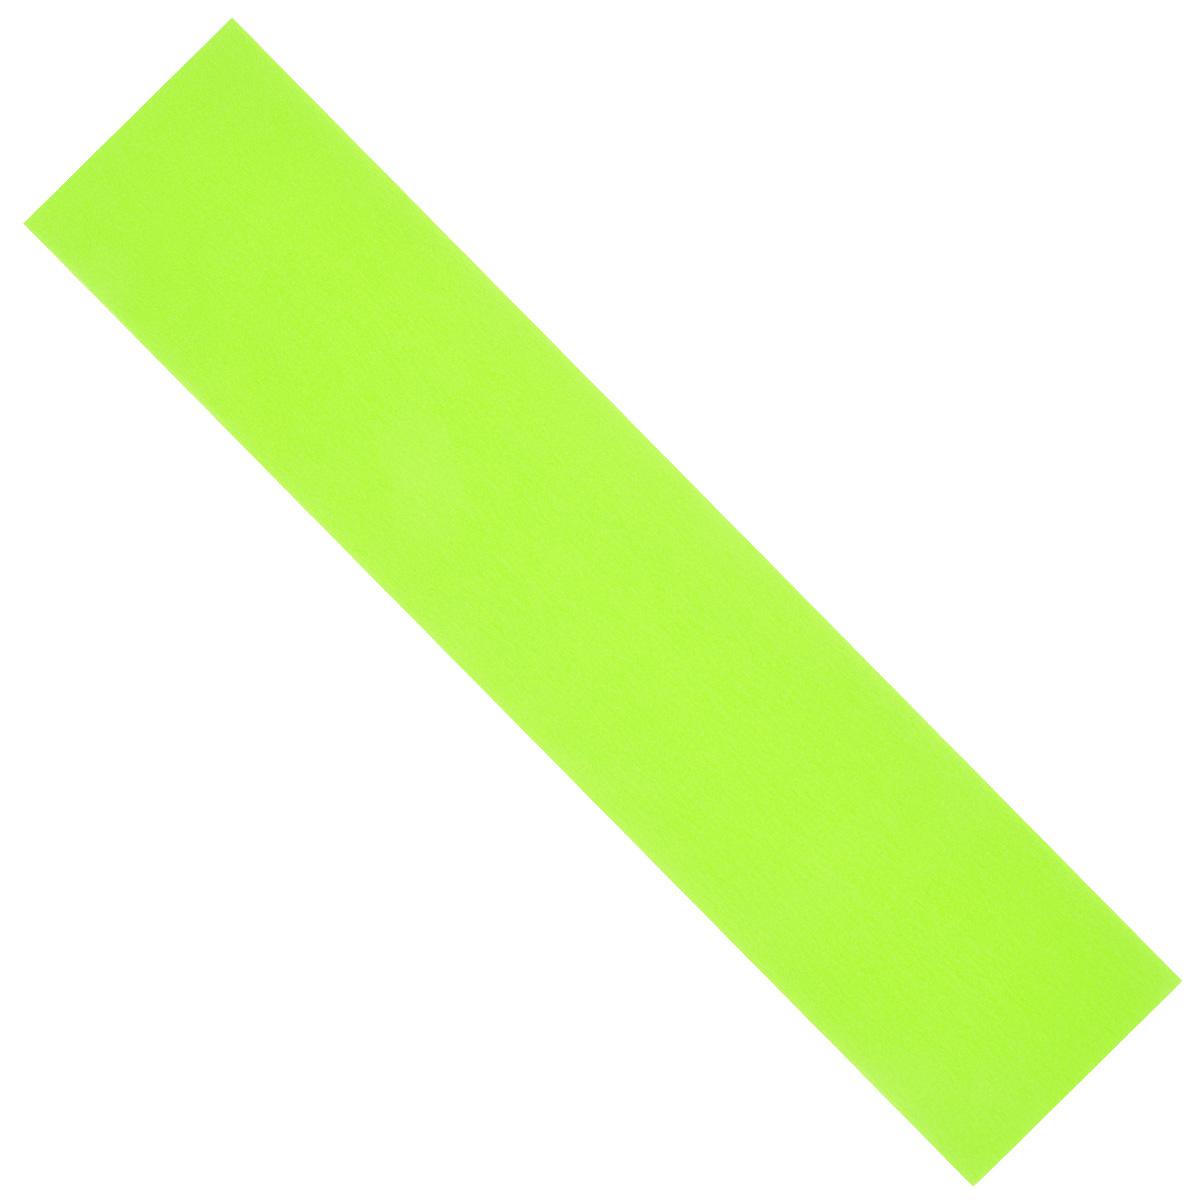 Бумага крепированная Проф-Пресс, флюоресцентная, цвет: желтый, 50 см х 250 смБ-2307Крепированная флюоресцентная бумага Проф-Пресс - отличный вариант для воплощения творческих идей не только детей, но и взрослых. Она отлично подойдет для упаковки хрупких изделий, при оформлении букетов, создании сложных цветовых композиций, для декорирования и других оформительских работ. Бумага обладает повышенной прочностью и жесткостью, хорошо растягивается, имеет жатую поверхность.Кроме того, флюоресцентная бумага Проф-Пресс поможет увлечь ребенка, развивая интерес к художественному творчеству, эстетический вкус и восприятие, увеличивая желание делать подарки своими руками, воспитывая самостоятельность и аккуратность в работе. Такая бумага поможет вашему ребенку раскрыть свои таланты.